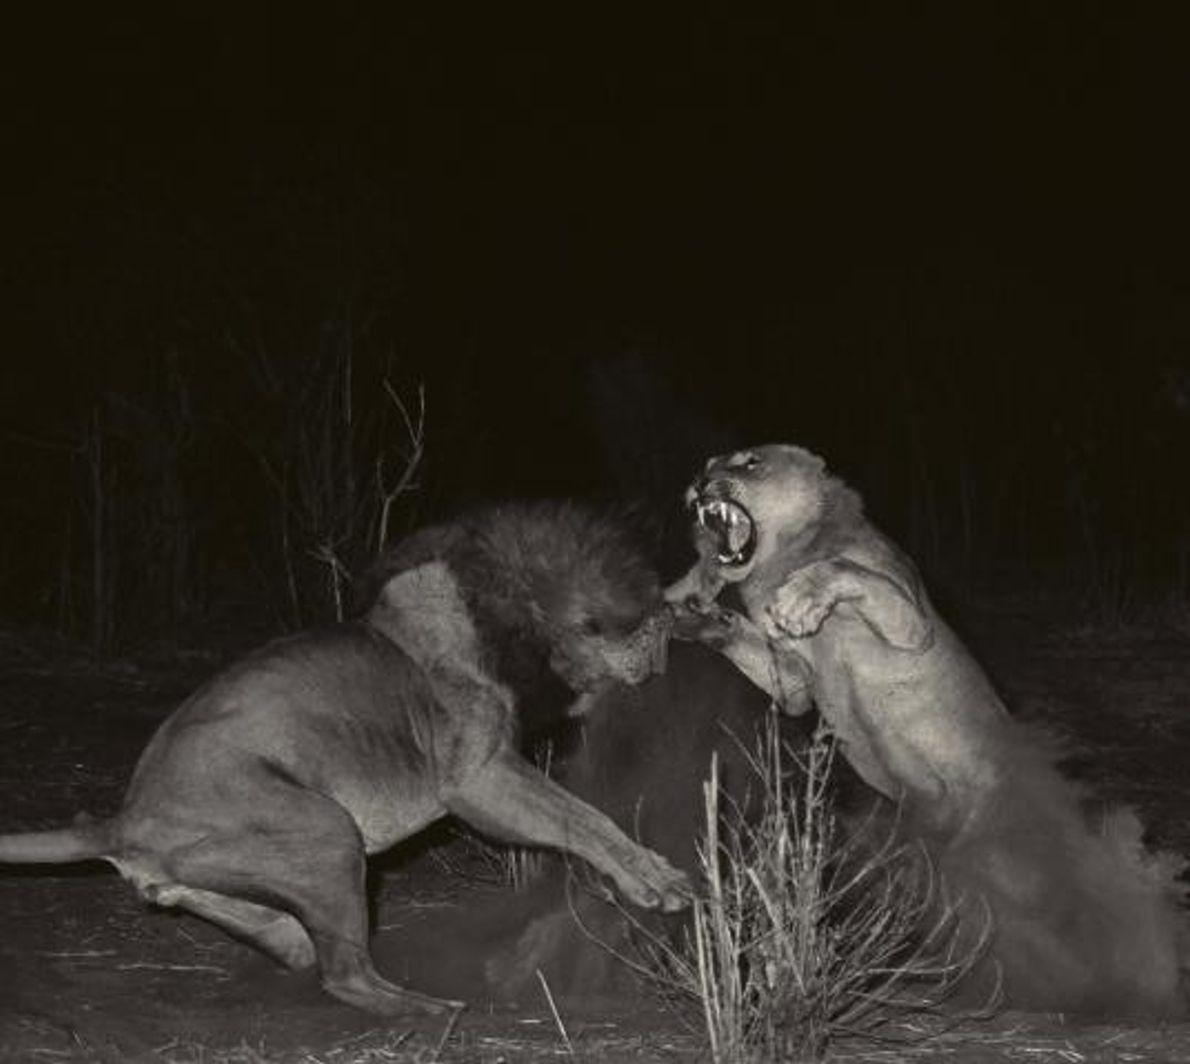 Uma leoa defende-se de um leão.